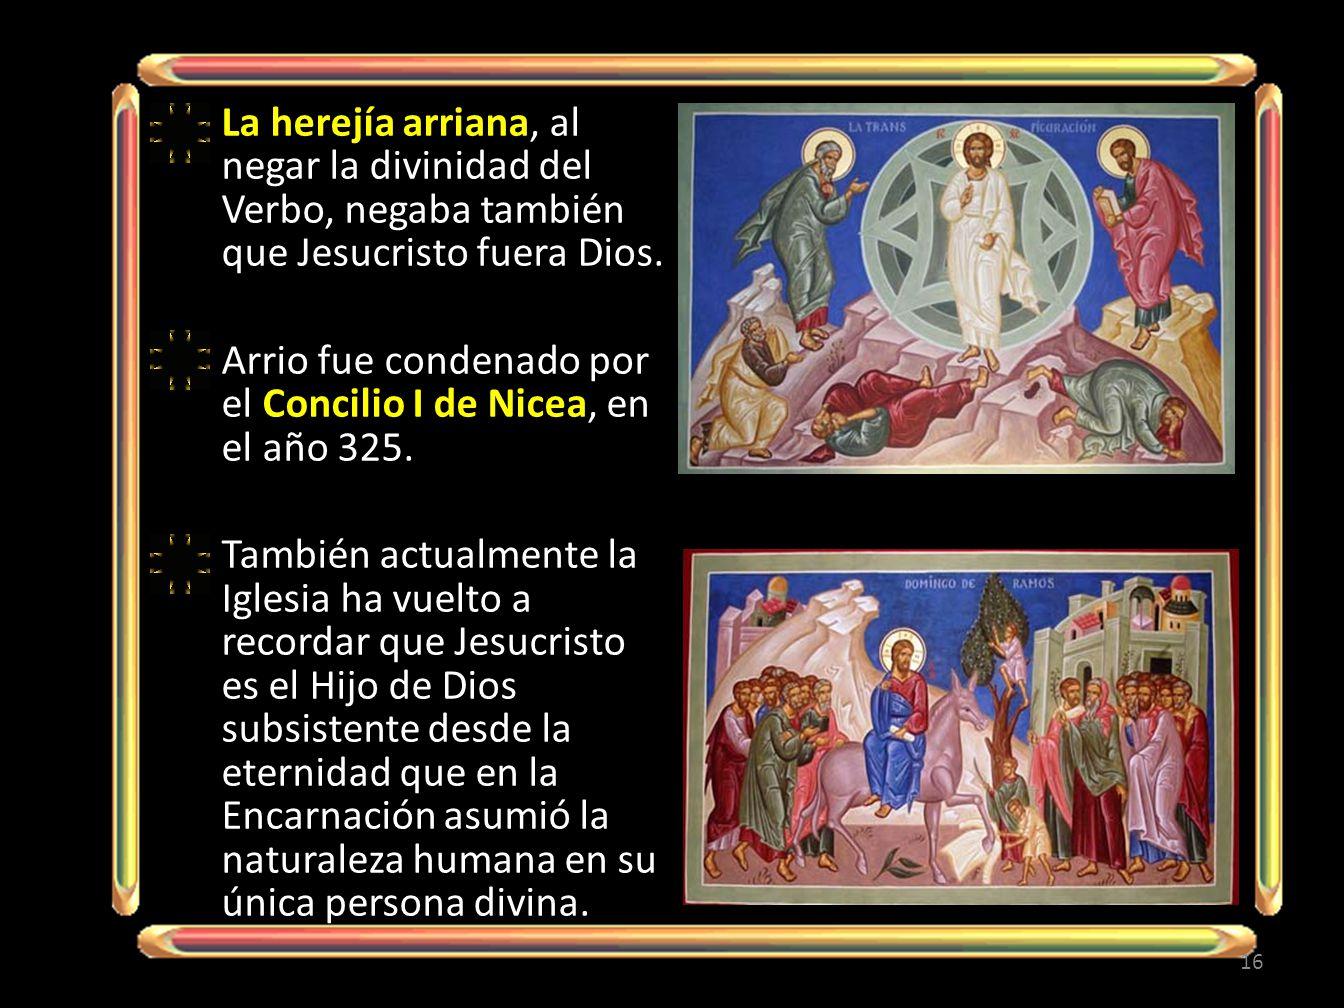 La herejía arriana, al negar la divinidad del Verbo, negaba también que Jesucristo fuera Dios. Arrio fue condenado por el Concilio I de Nicea, en el a